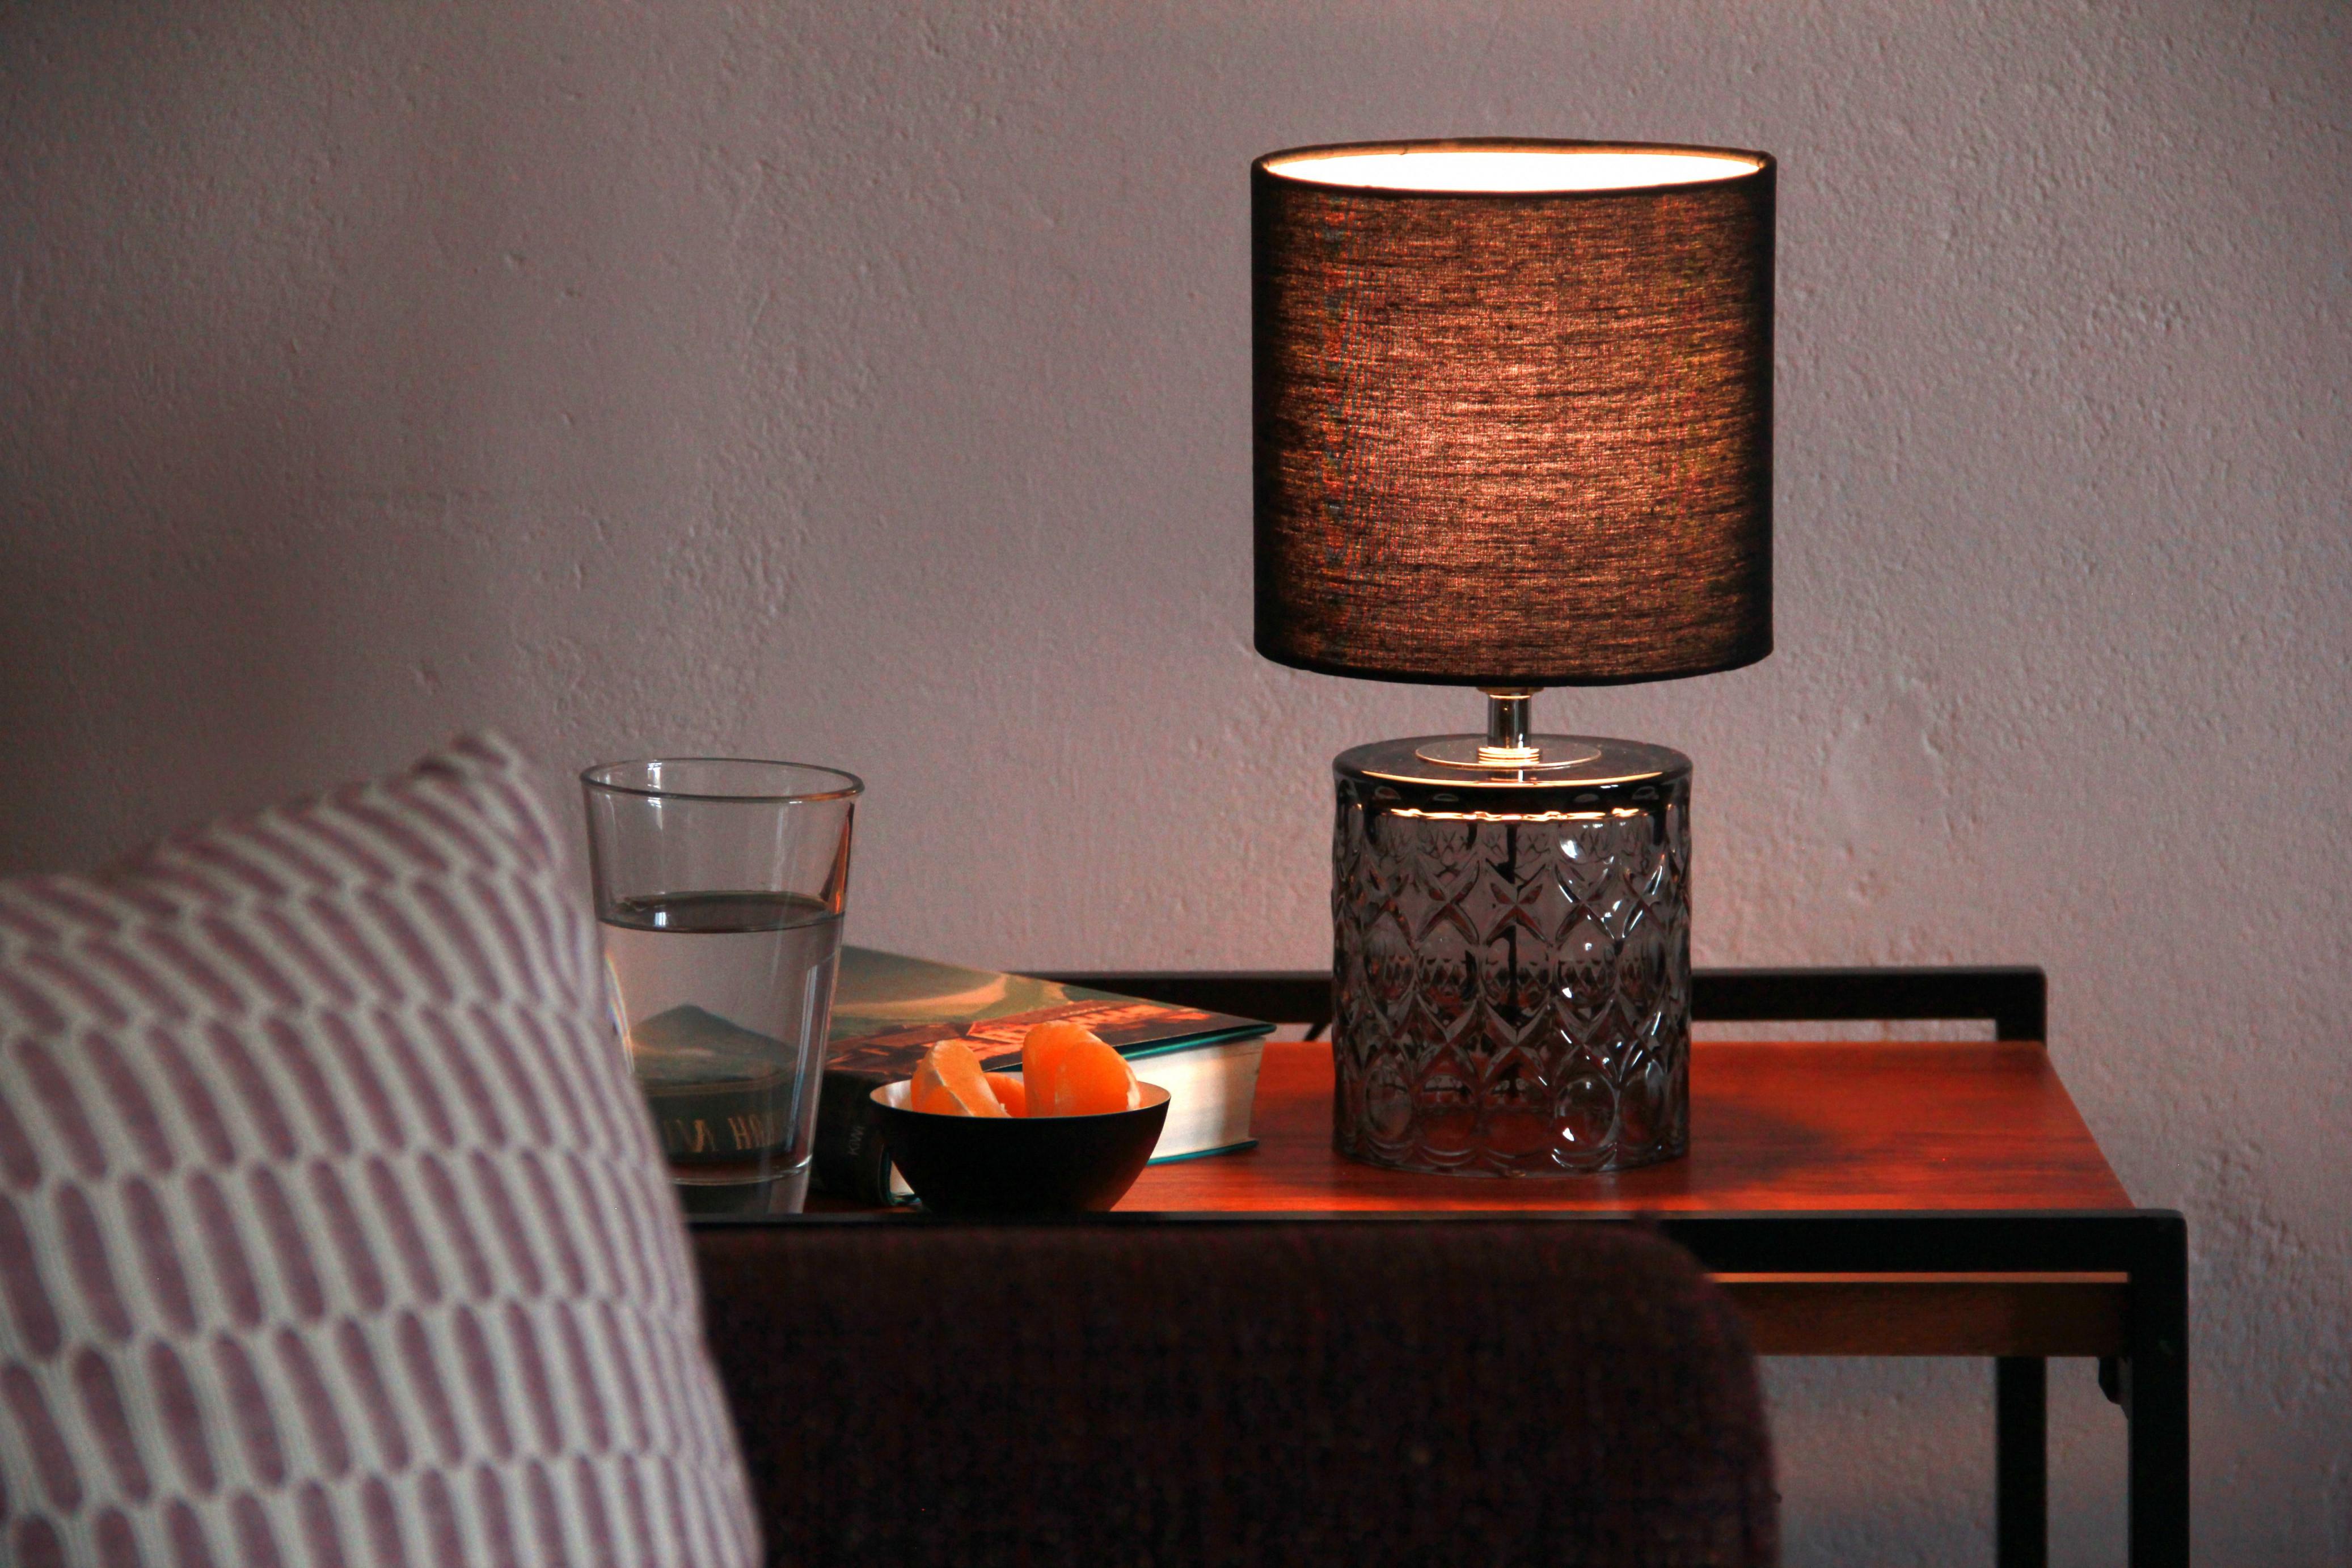 Tischlampe Für Das Moderne Wohnzimmer In 2020  Wohnzimmer von Moderne Tischlampen Wohnzimmer Bild